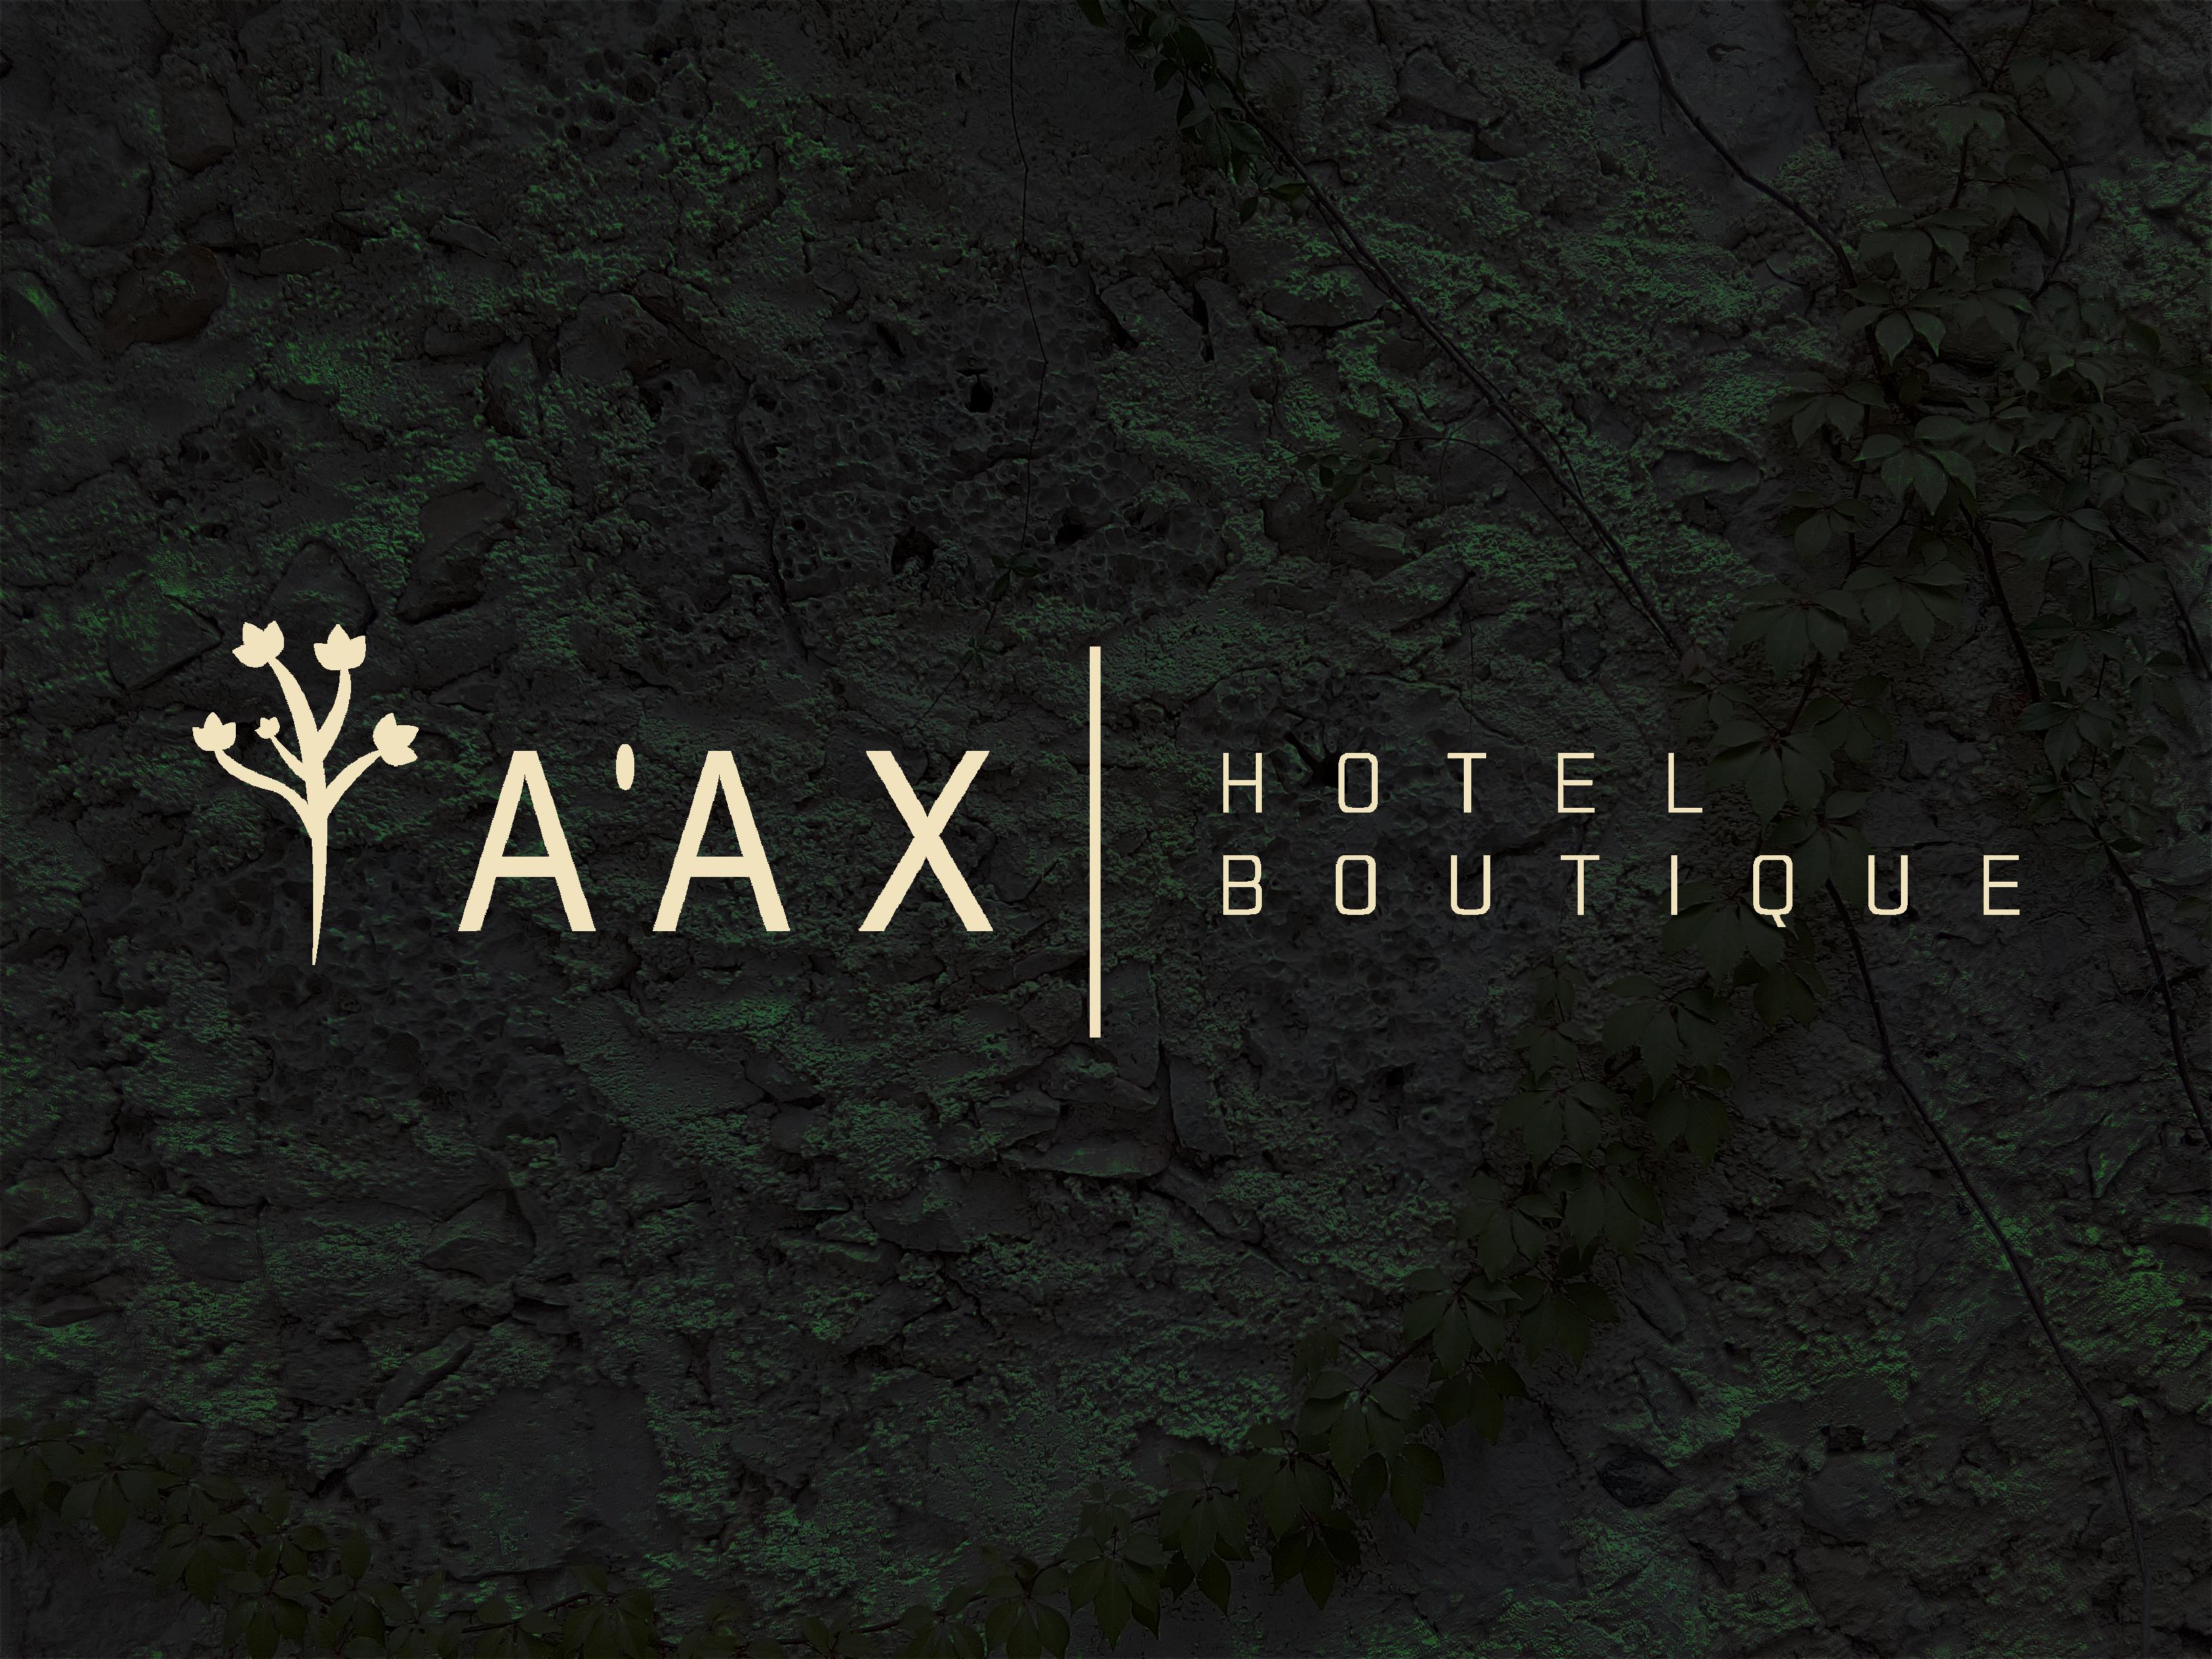 Ya'ax Hotel Boutique